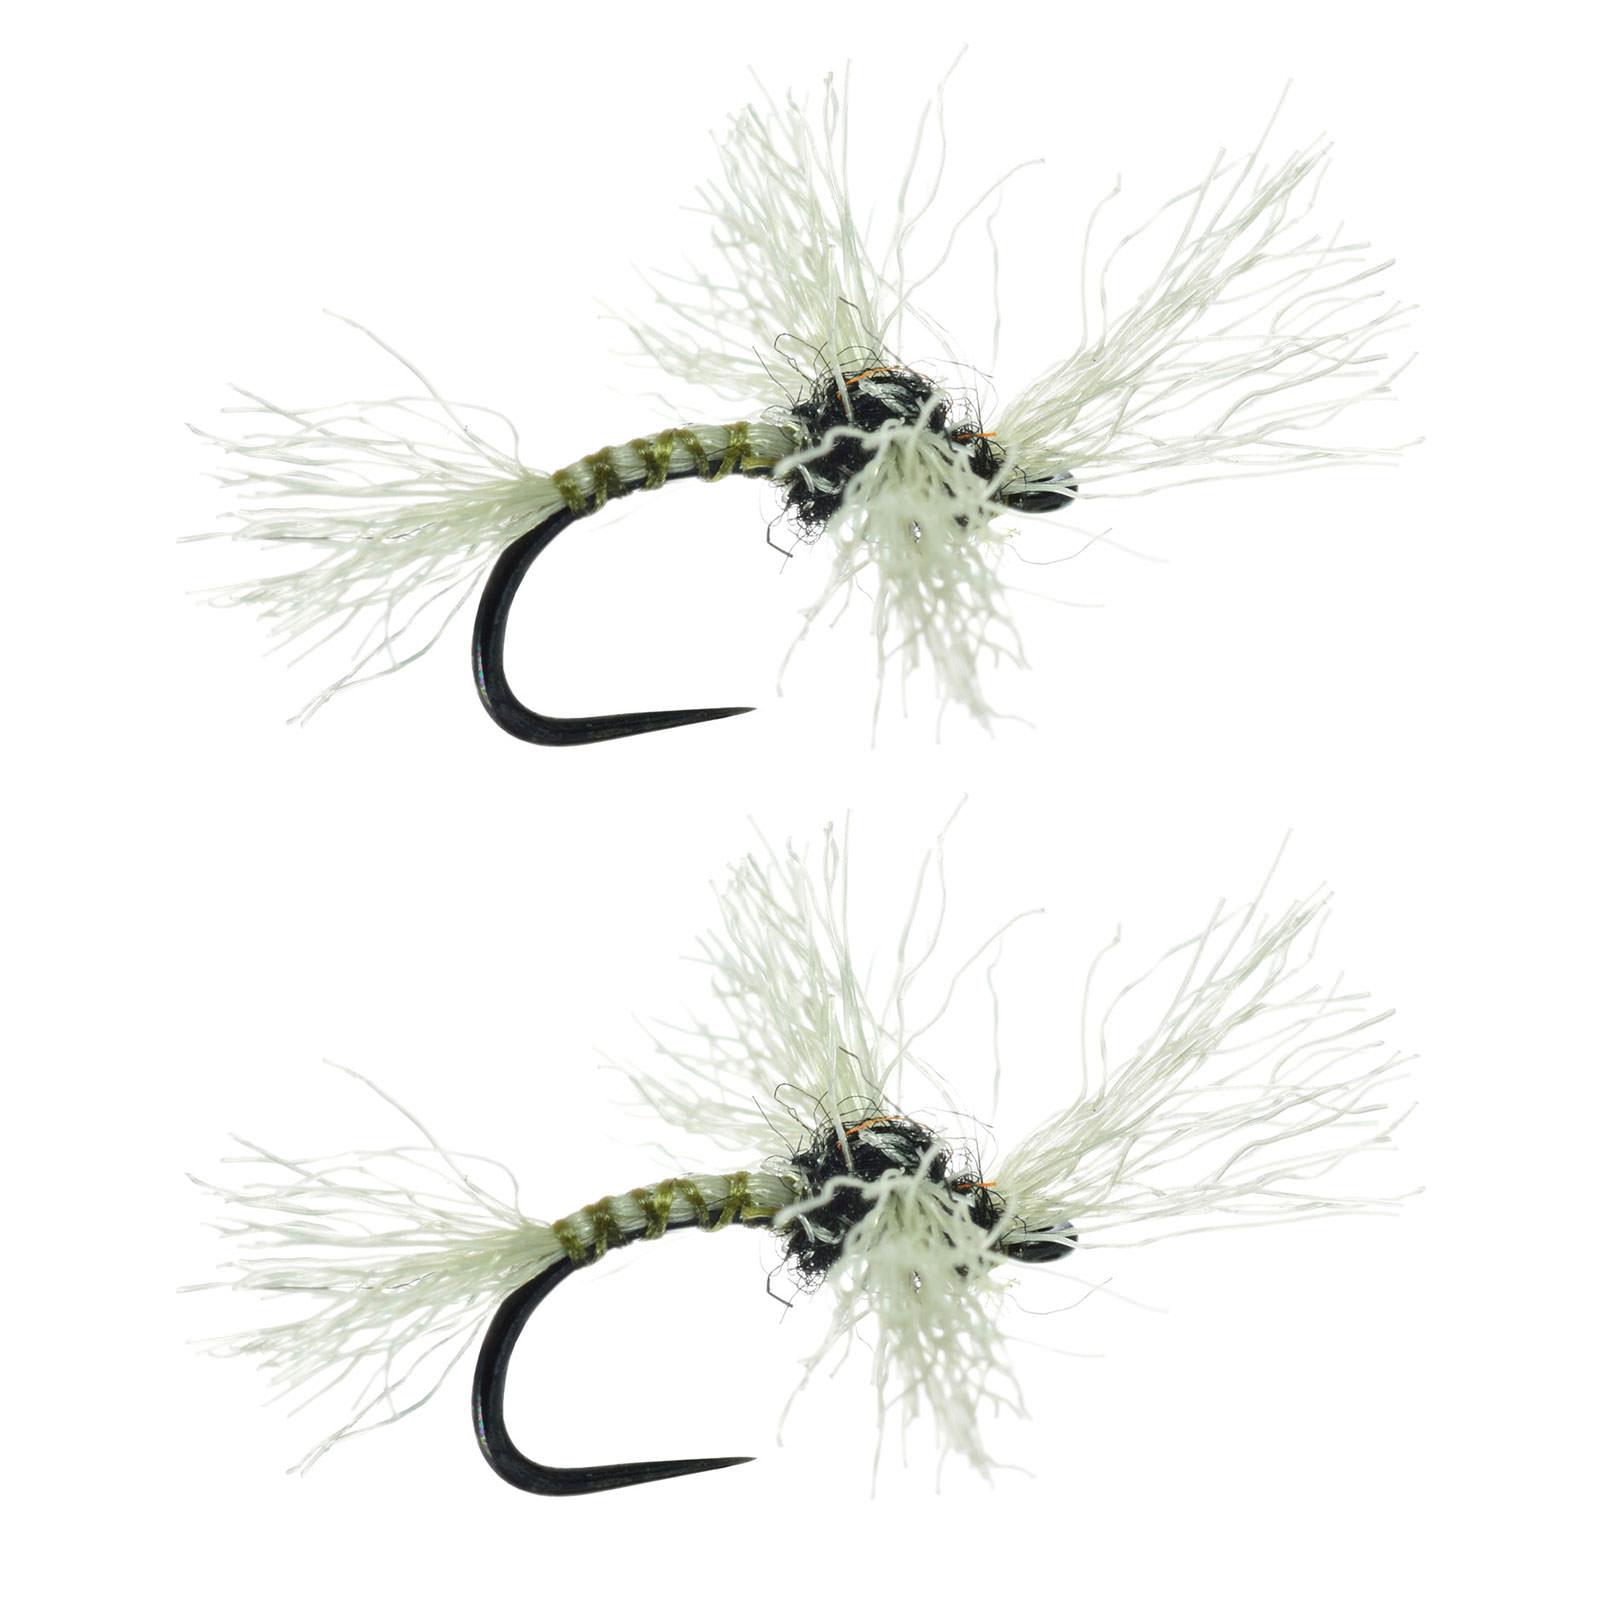 Umpqua tenkara midge dark simple fly fishing pattern ebay for Midge fly fishing